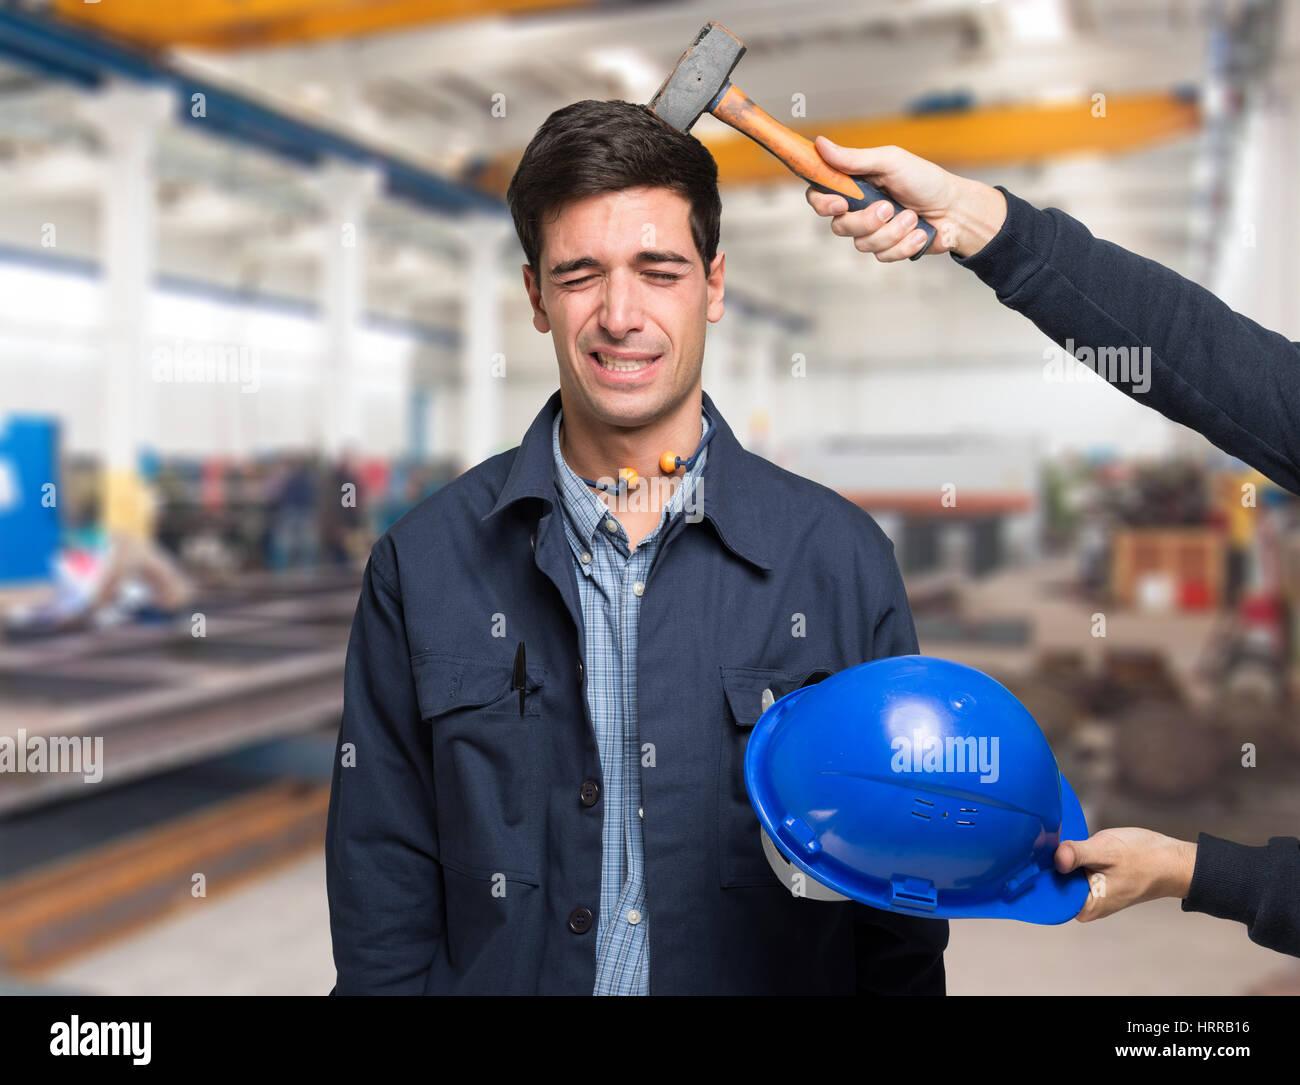 Lavoratore prendendo un colpo di martello sulla sua testa. Lavorare il concetto di sicurezza Immagini Stock